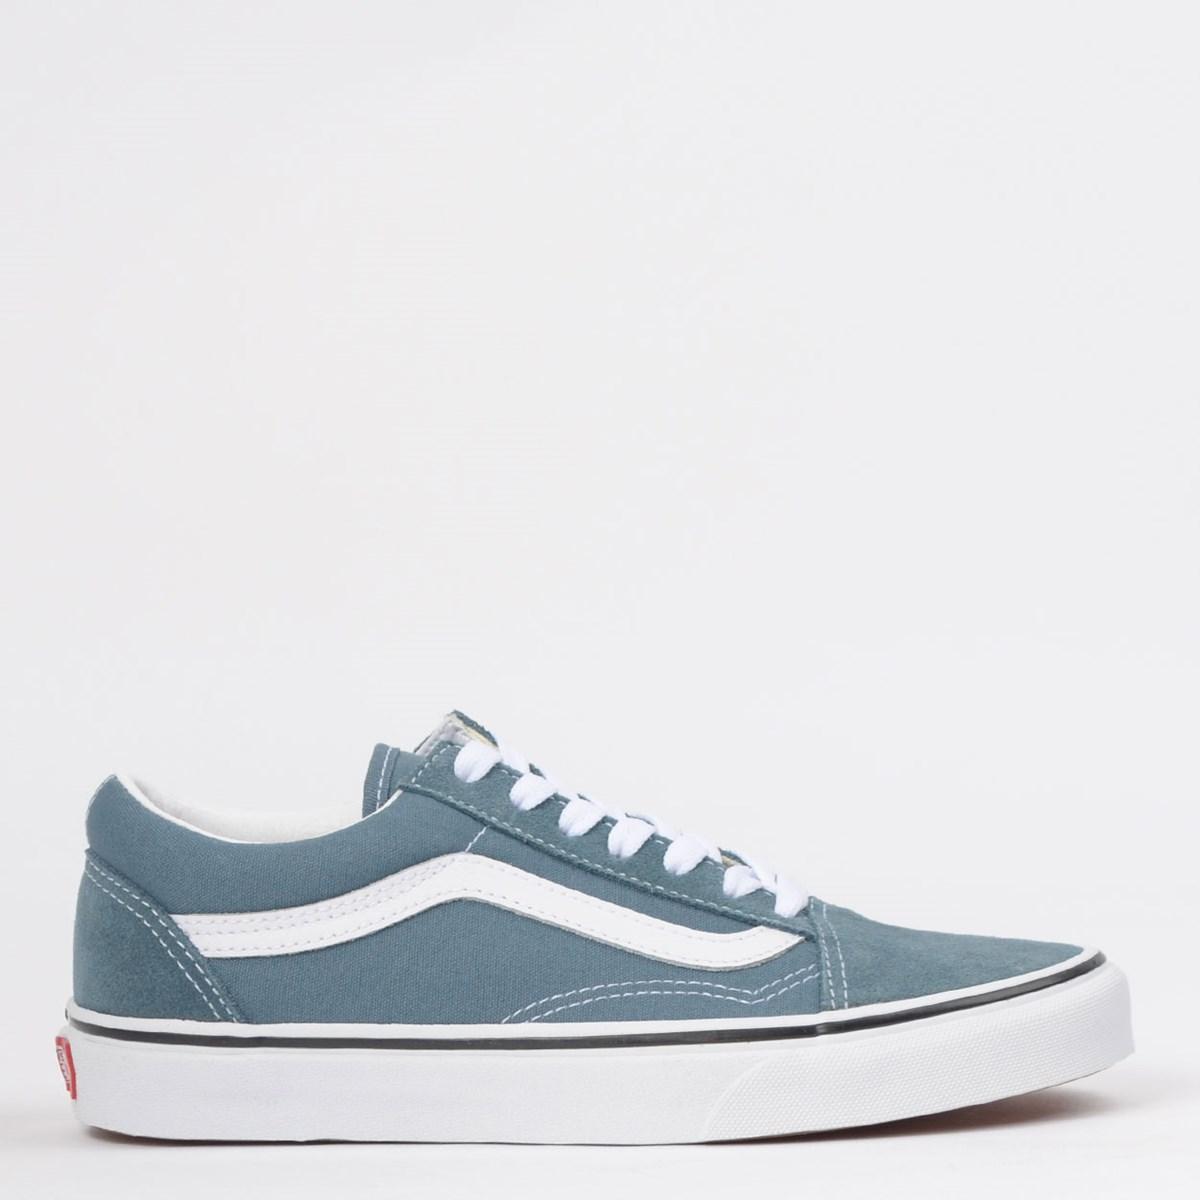 Tênis Vans Old Skool Blue Mirage VN0A4U3BX17